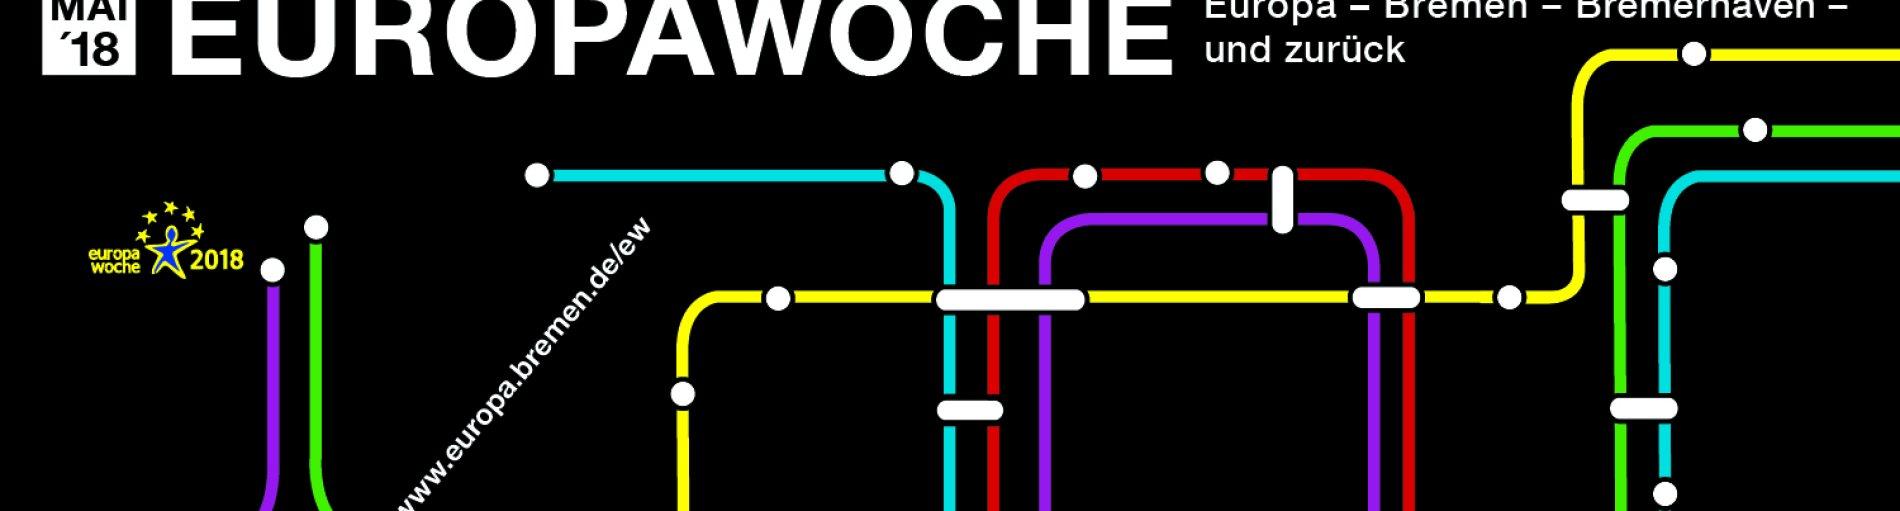 Ein stilisierter Linienfahrplan zeigt eine Rundfahrt von Bremen nach Europa und zurück